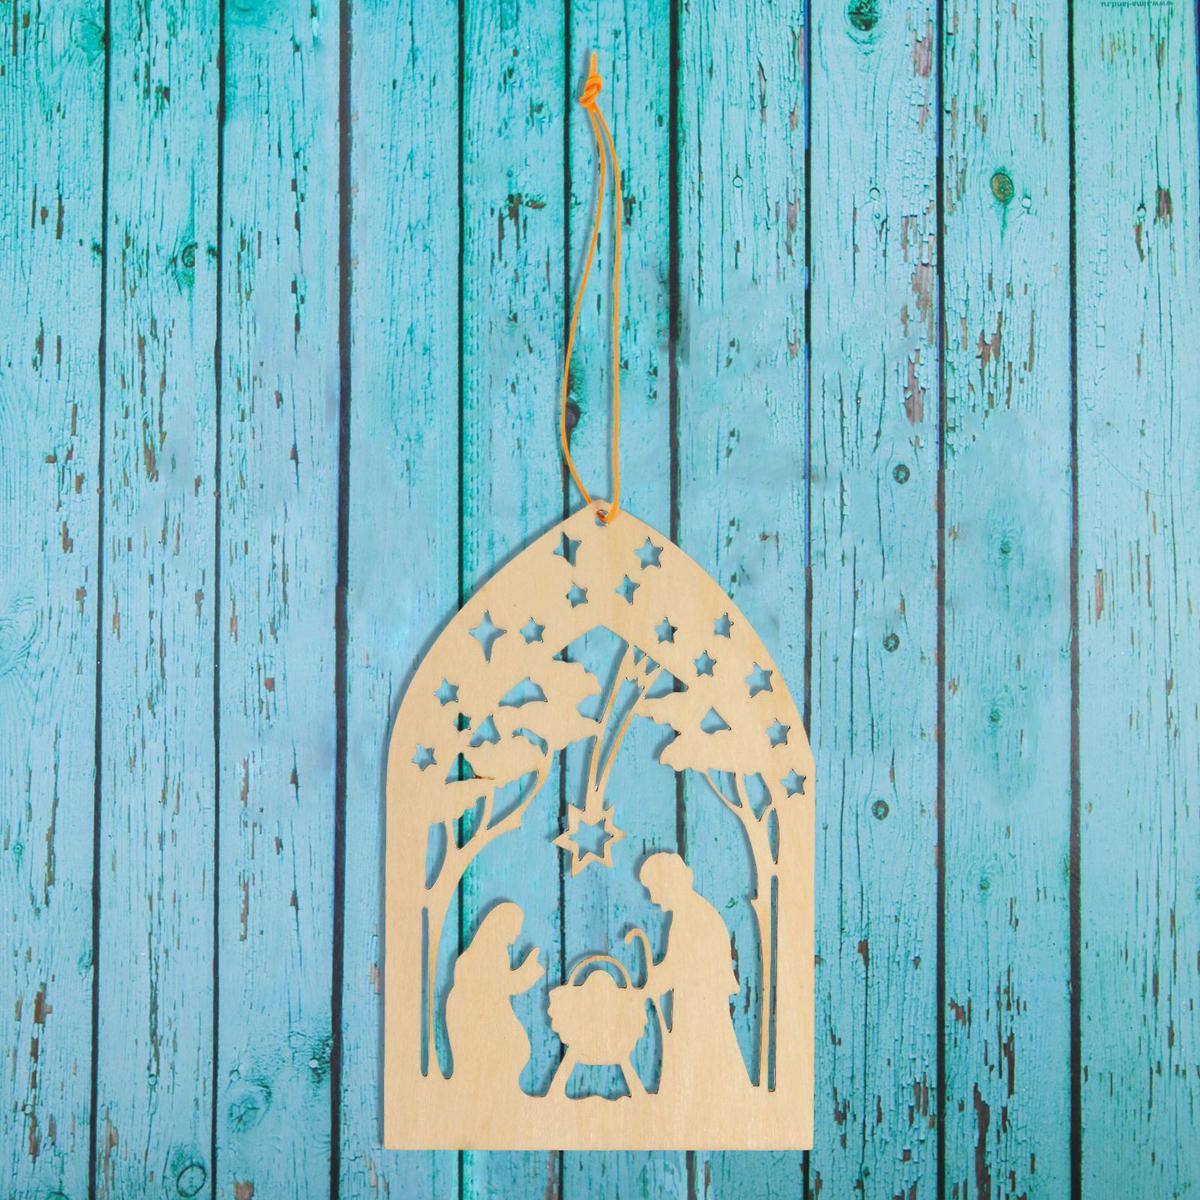 Новогоднее подвесное украшение Sima-land Ночь на рождество, под роспись, 6,5 х 10 см1393680Новогоднее украшение Sima-land отлично подойдет для декорации вашего дома и новогодней ели. Елочная игрушка - символ Нового года. Она несет в себе волшебство и красоту праздника. Такое украшение создаст в вашем доме атмосферу праздника, веселья и радости.